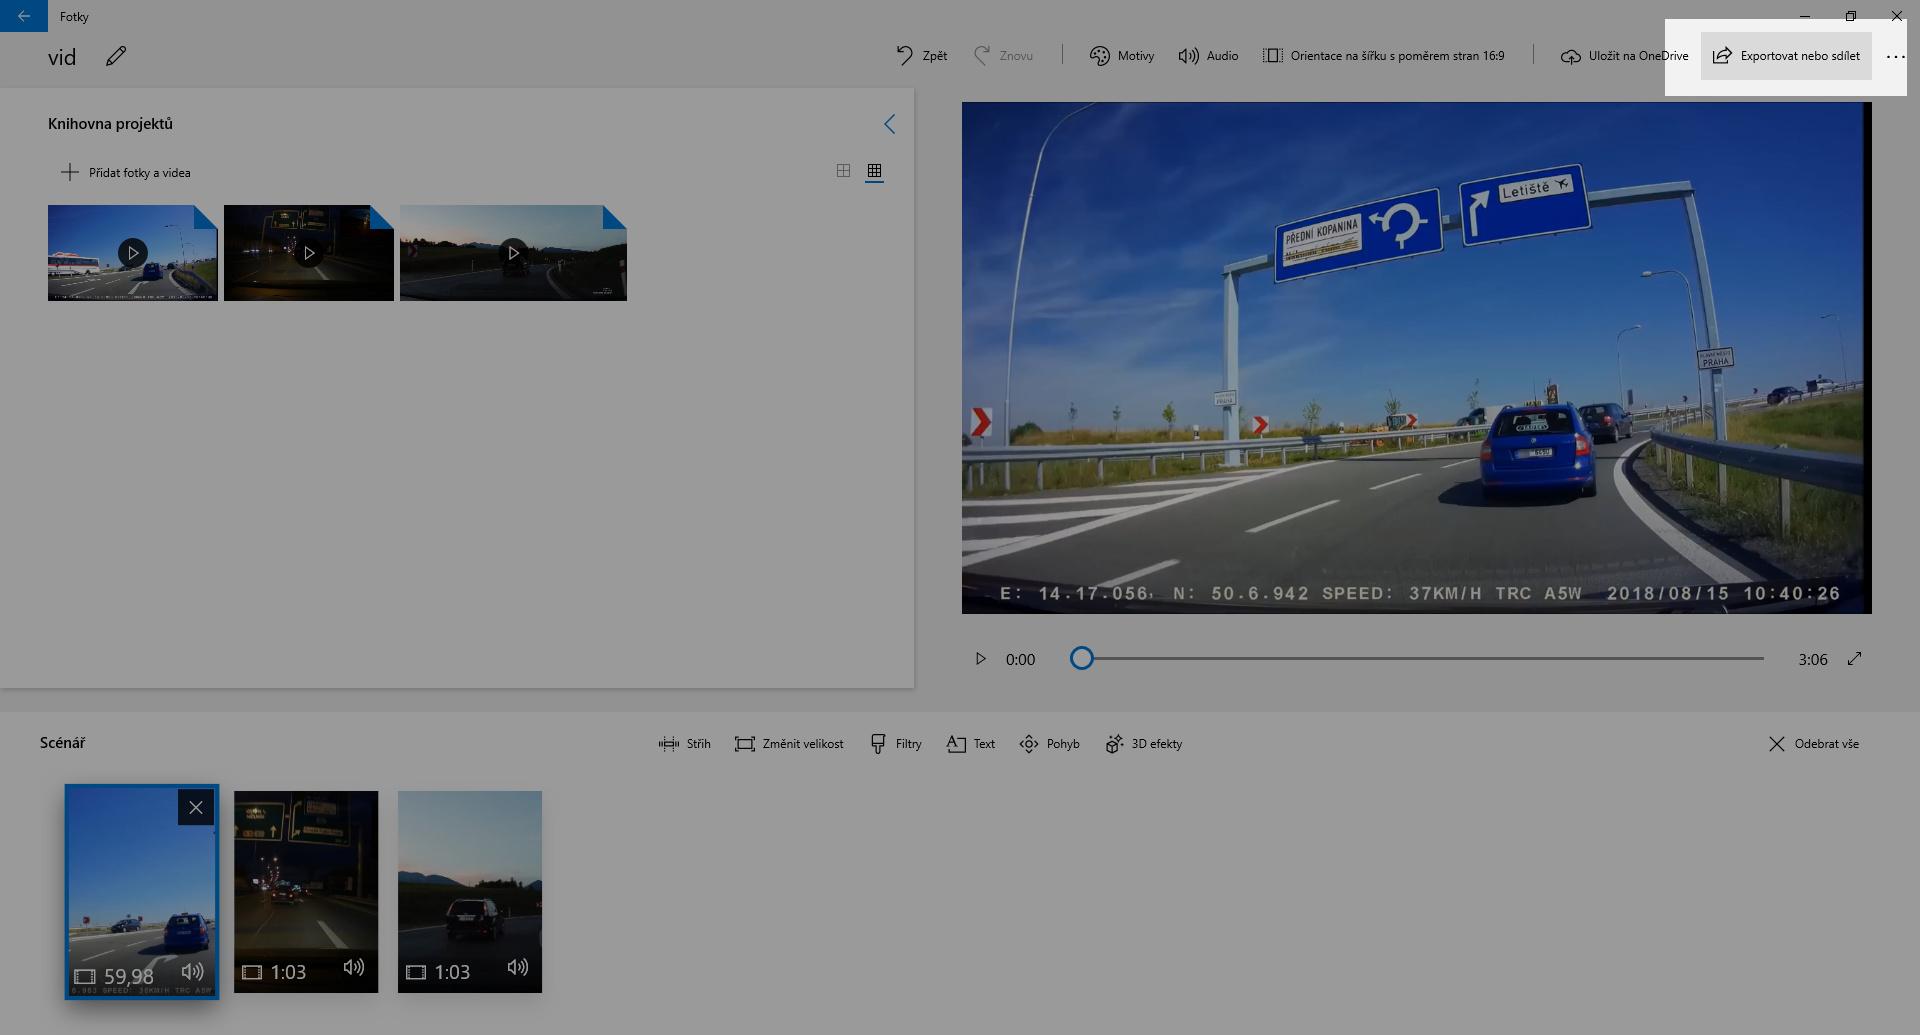 Spojení několika záznamů z autokamery do jednoho video souboru - obrázek 5